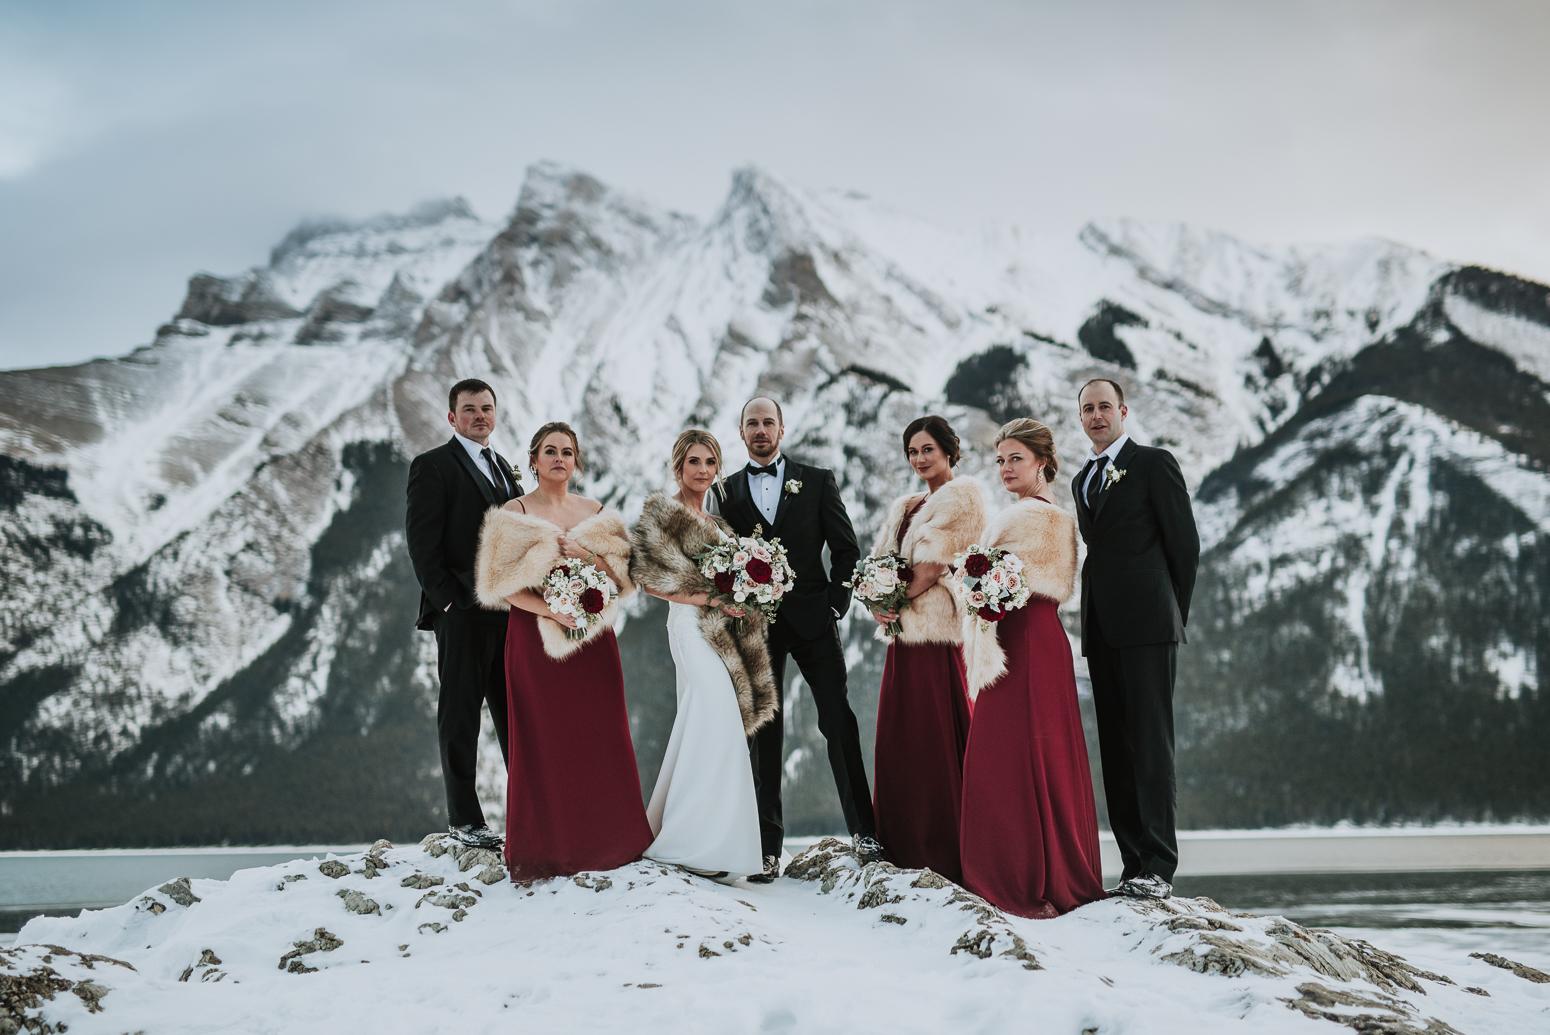 Bridal Party at winter wedding